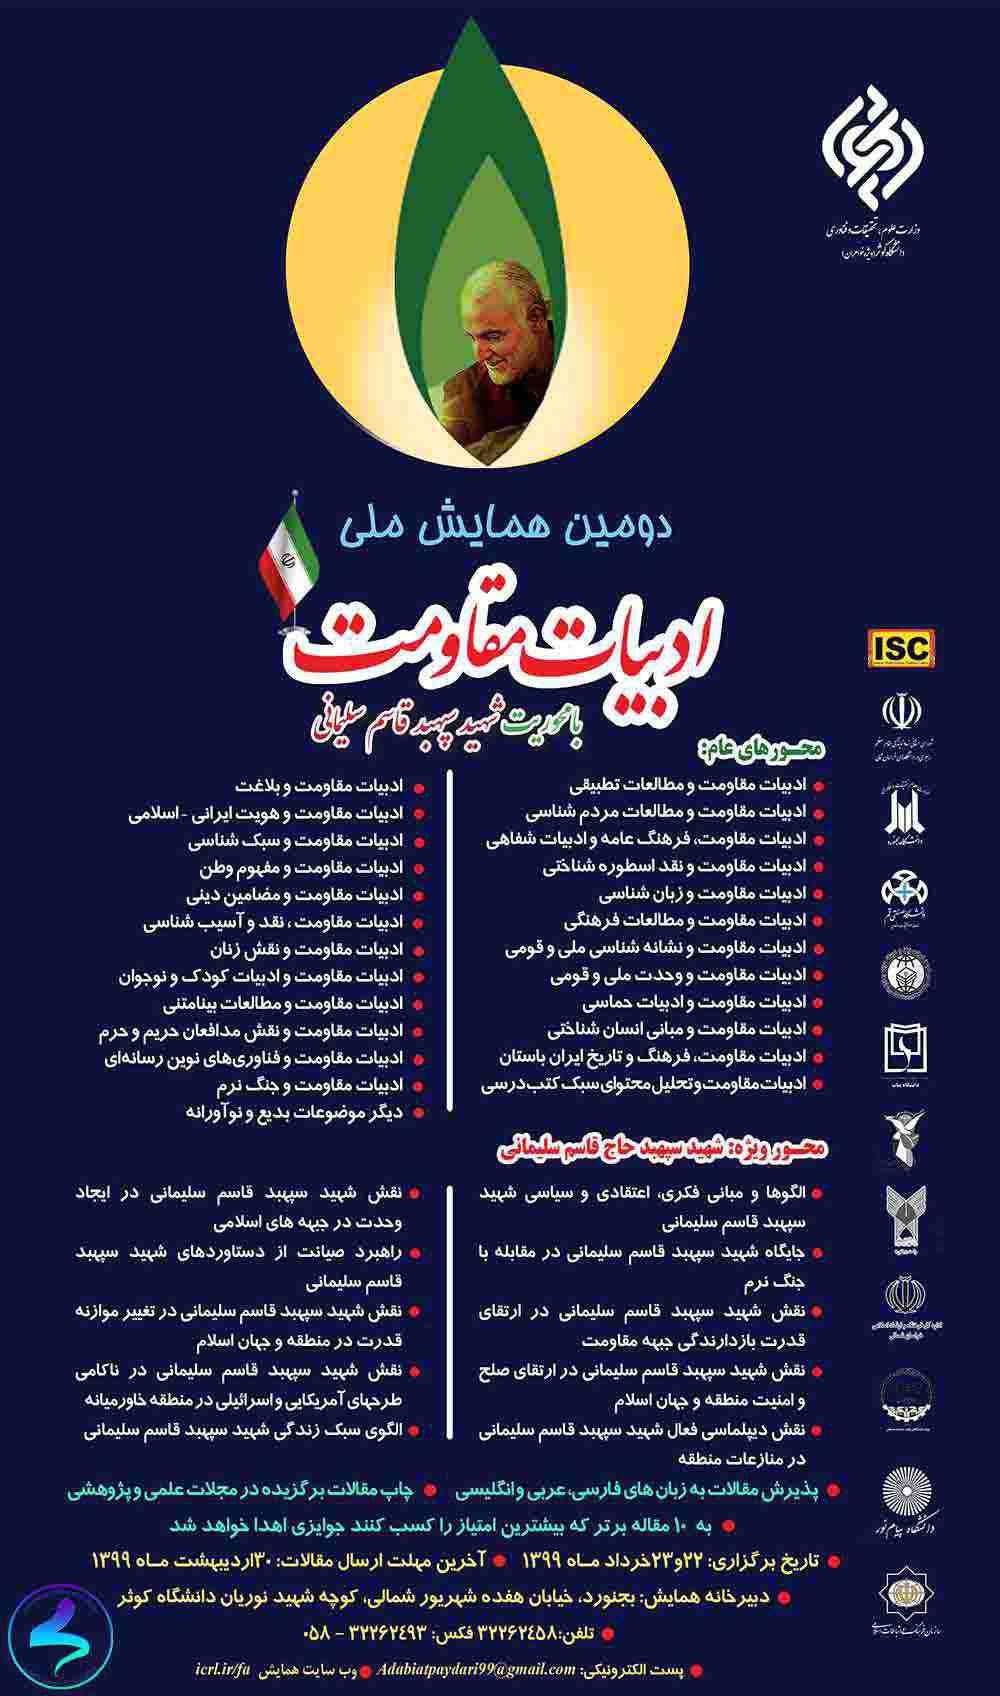 دومین همایش ملی ادبیات مقاومت با محوریت شهید عالیمقام سردار سپهبد قاسم سلیمانی